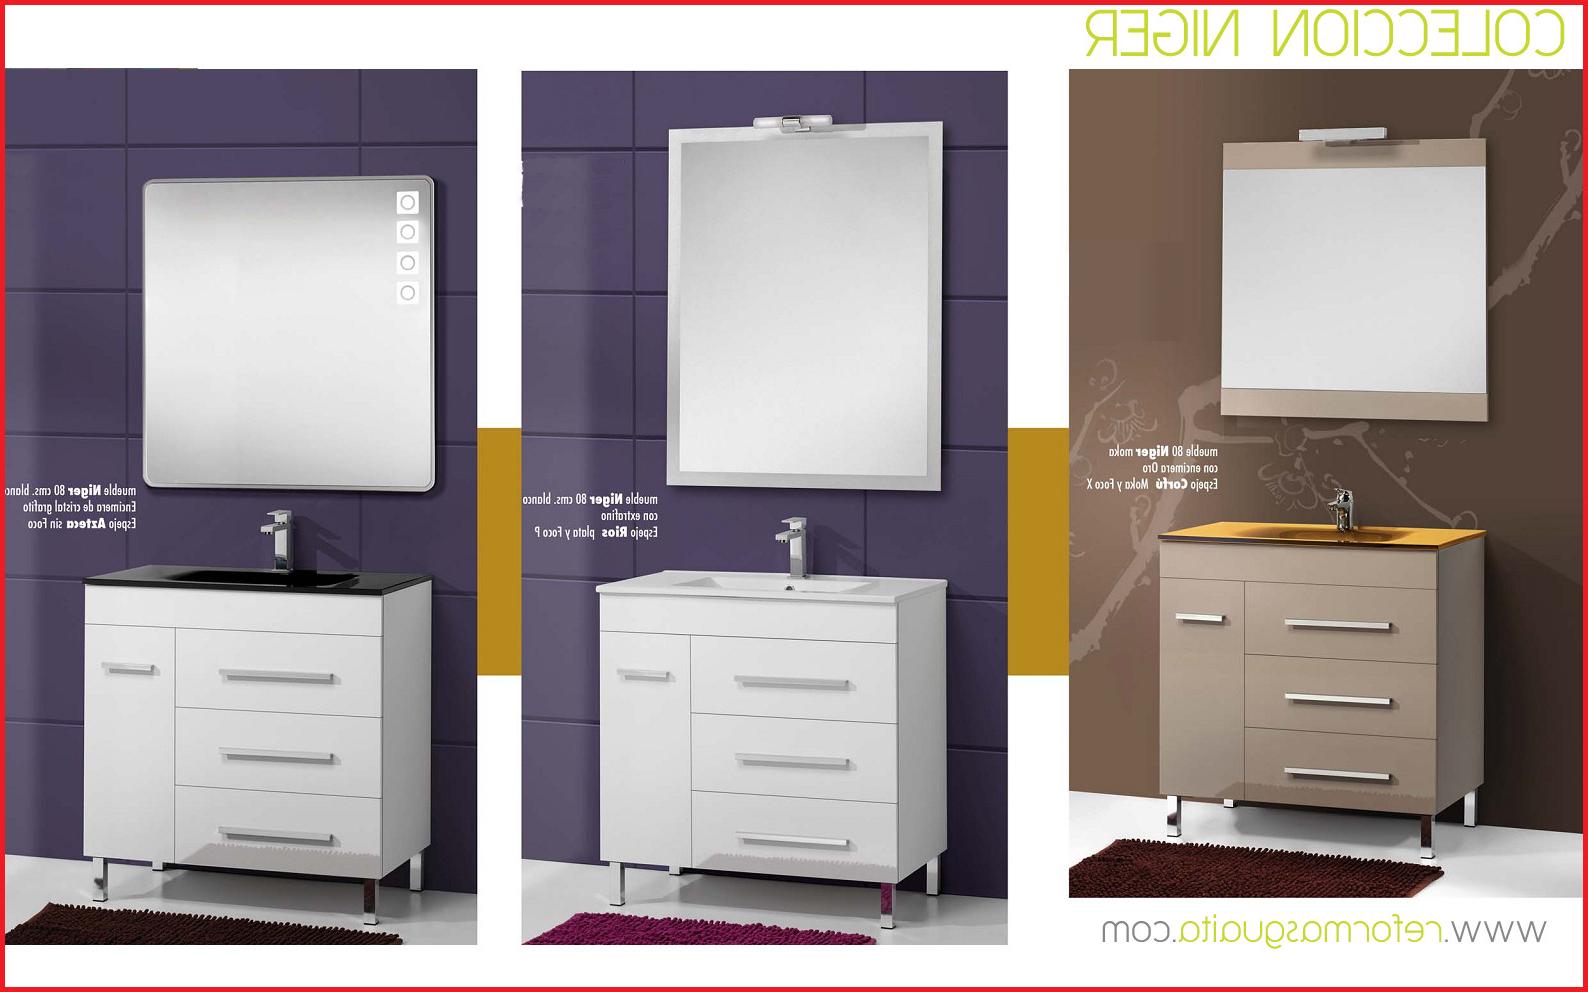 Muebles De Baño Con Patas Tqd3 Muebles Baà O 70 Cm Muebles Color Moka Obtenga Ideas DiseO De